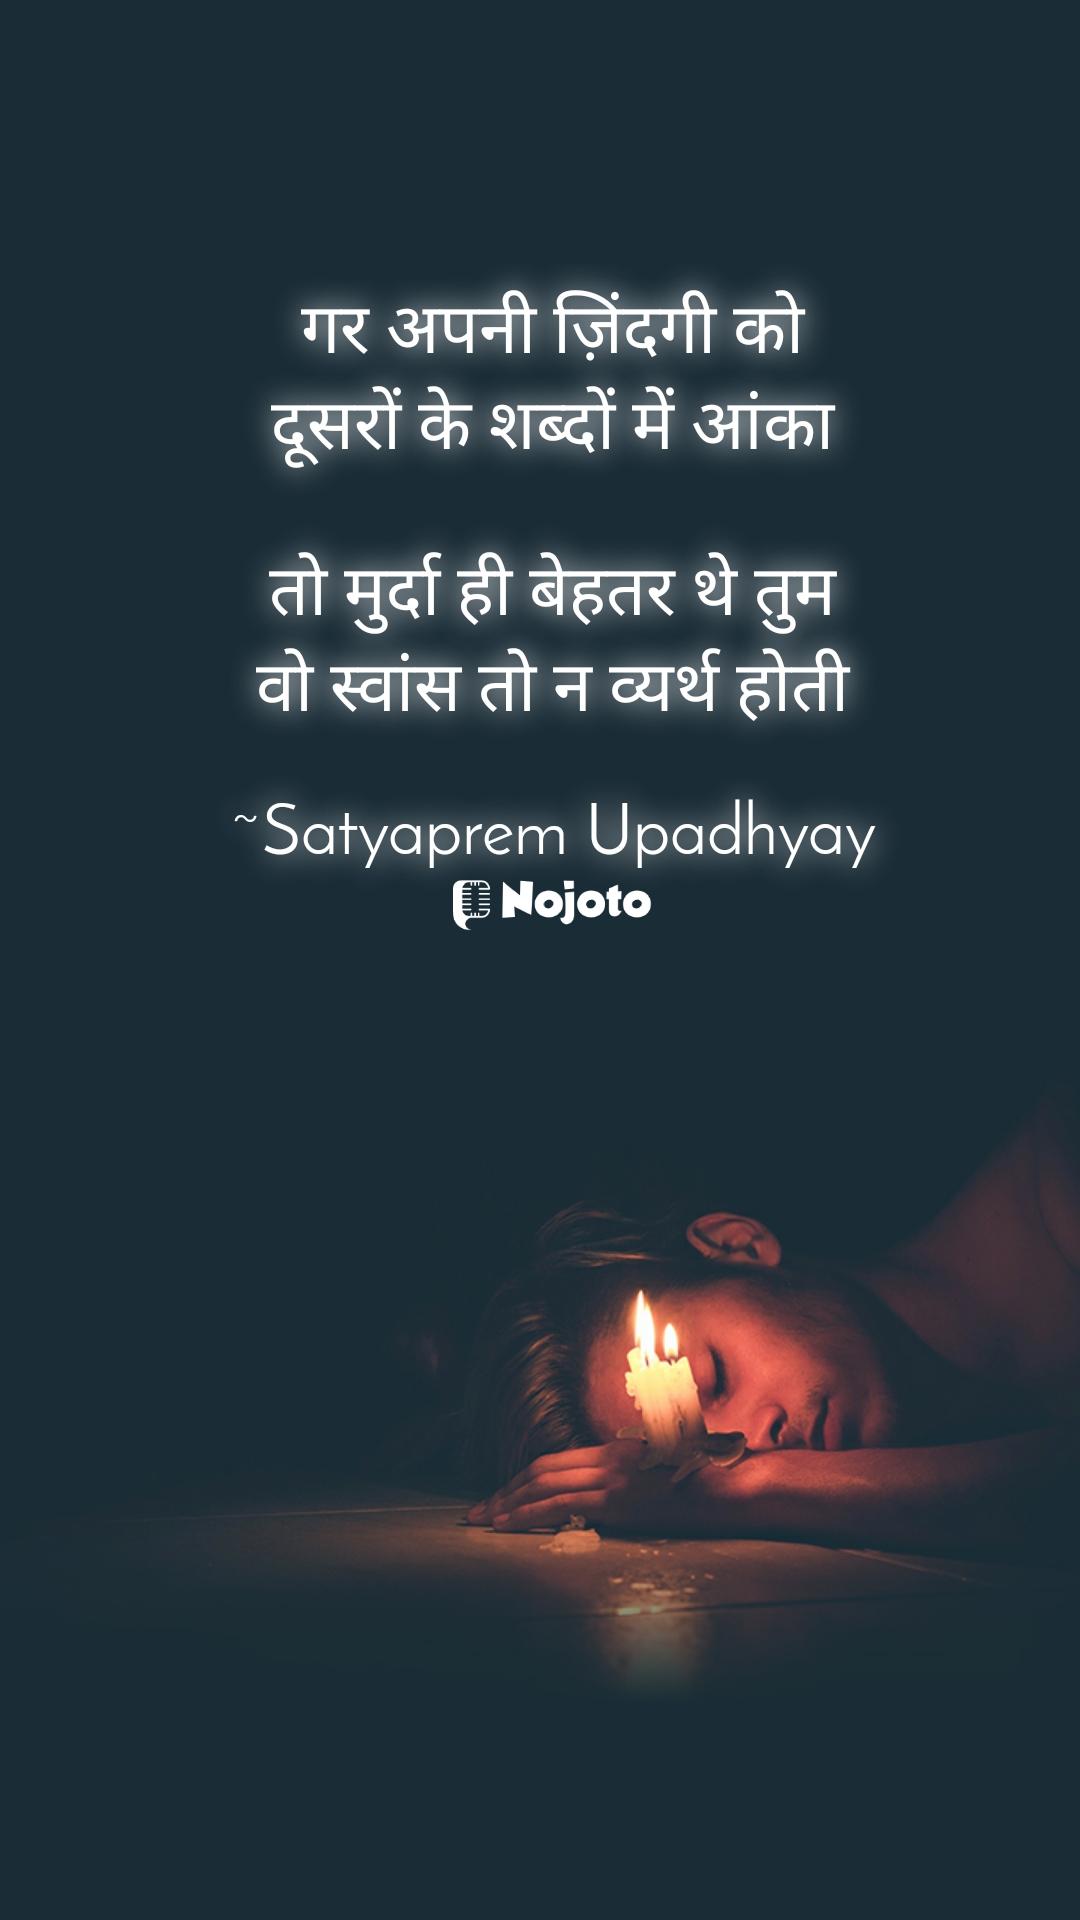 गर अपनी ज़िंदगी को दूसरों के शब्दों में आंका  तो मुर्दा ही बेहतर थे तुम वो स्वांस तो न व्यर्थ होती  ~Satyaprem Upadhyay